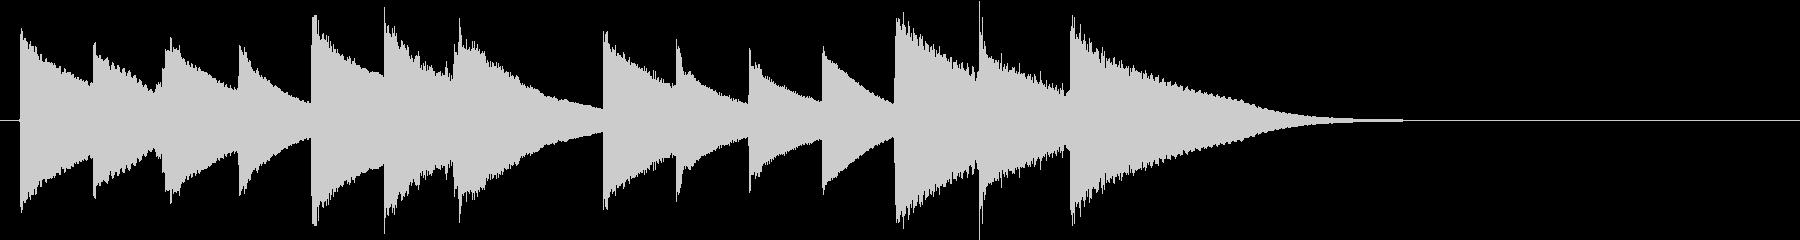 オルゴールのスローバラード。(BGMバ…の未再生の波形